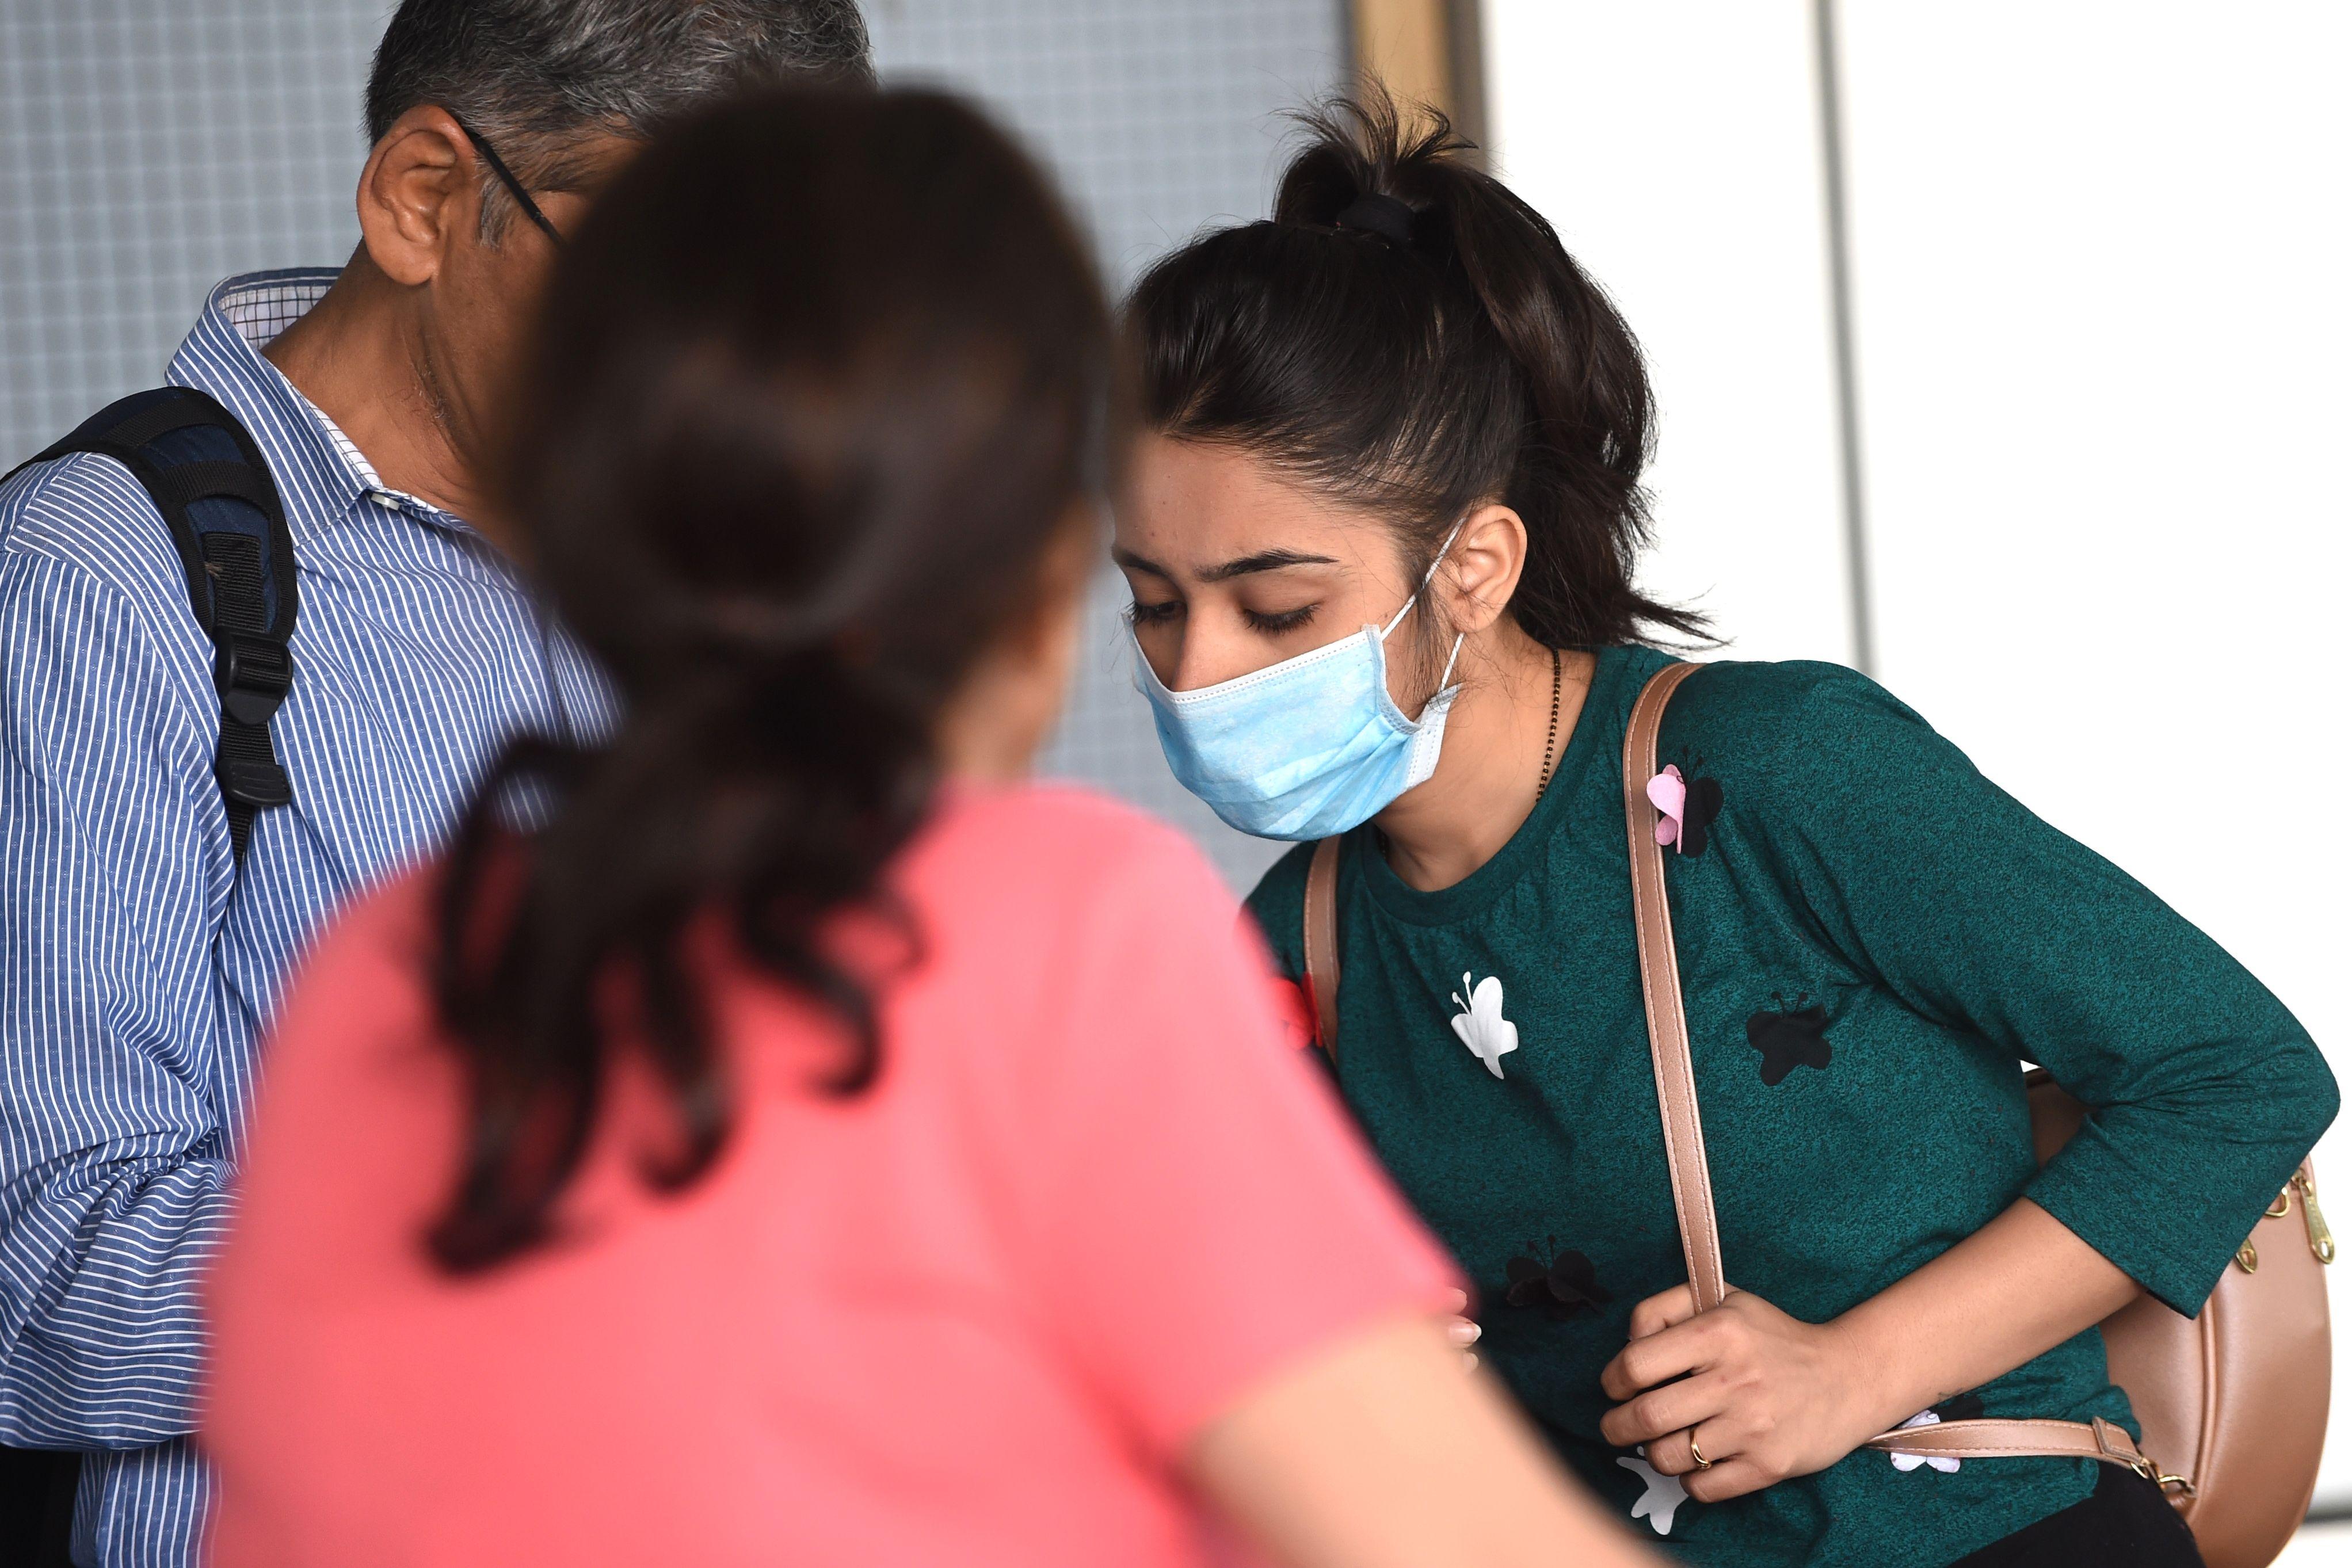 INDIA-CHINA-HEALTH-VIRUS